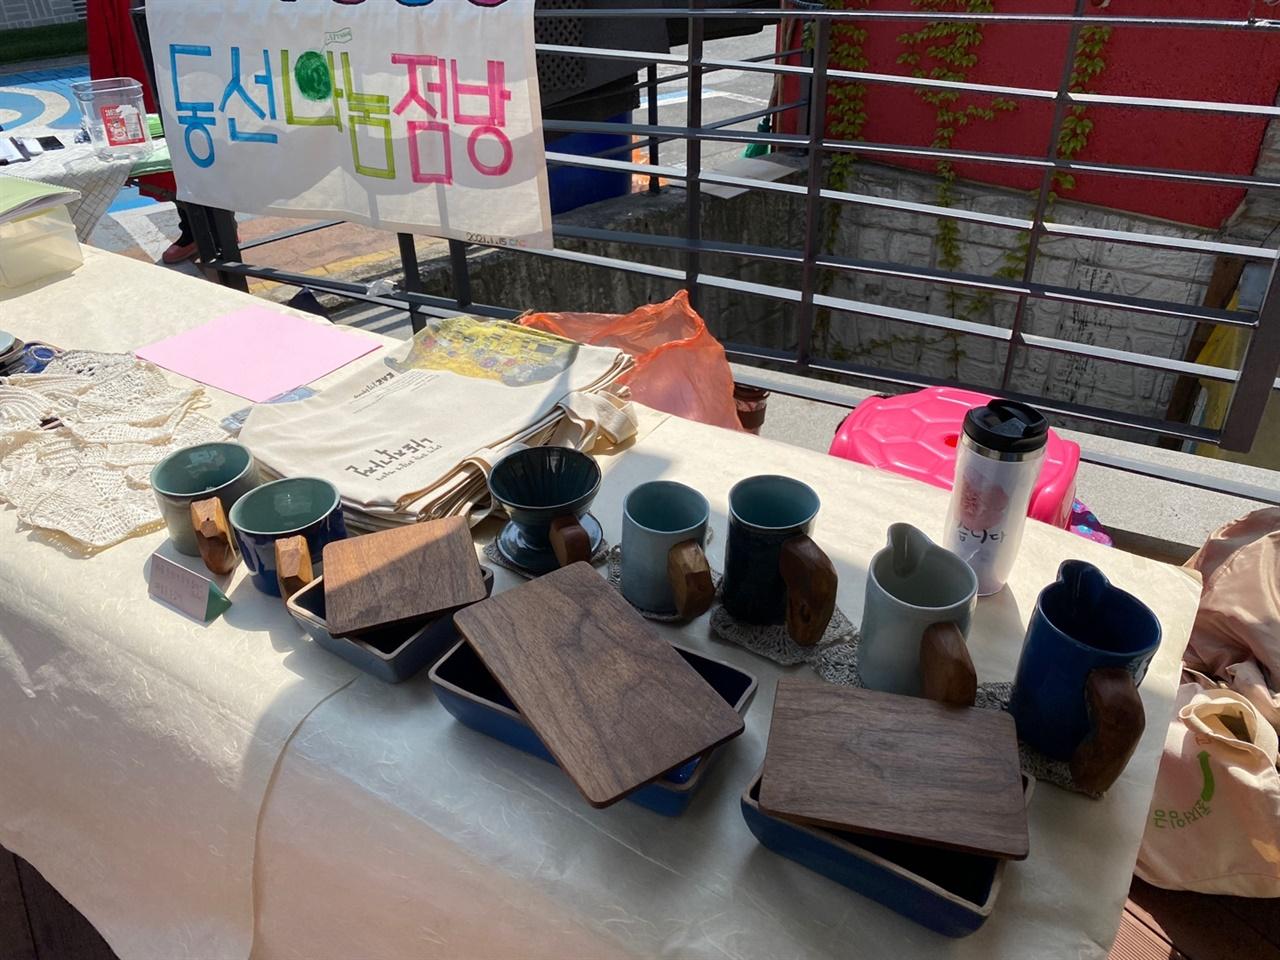 동선동주민자치회가 운영한 '동선동 나눔점방' 제로웨이스트 샵의 일환으로 재활용 목재를 사용한 제품을 소개